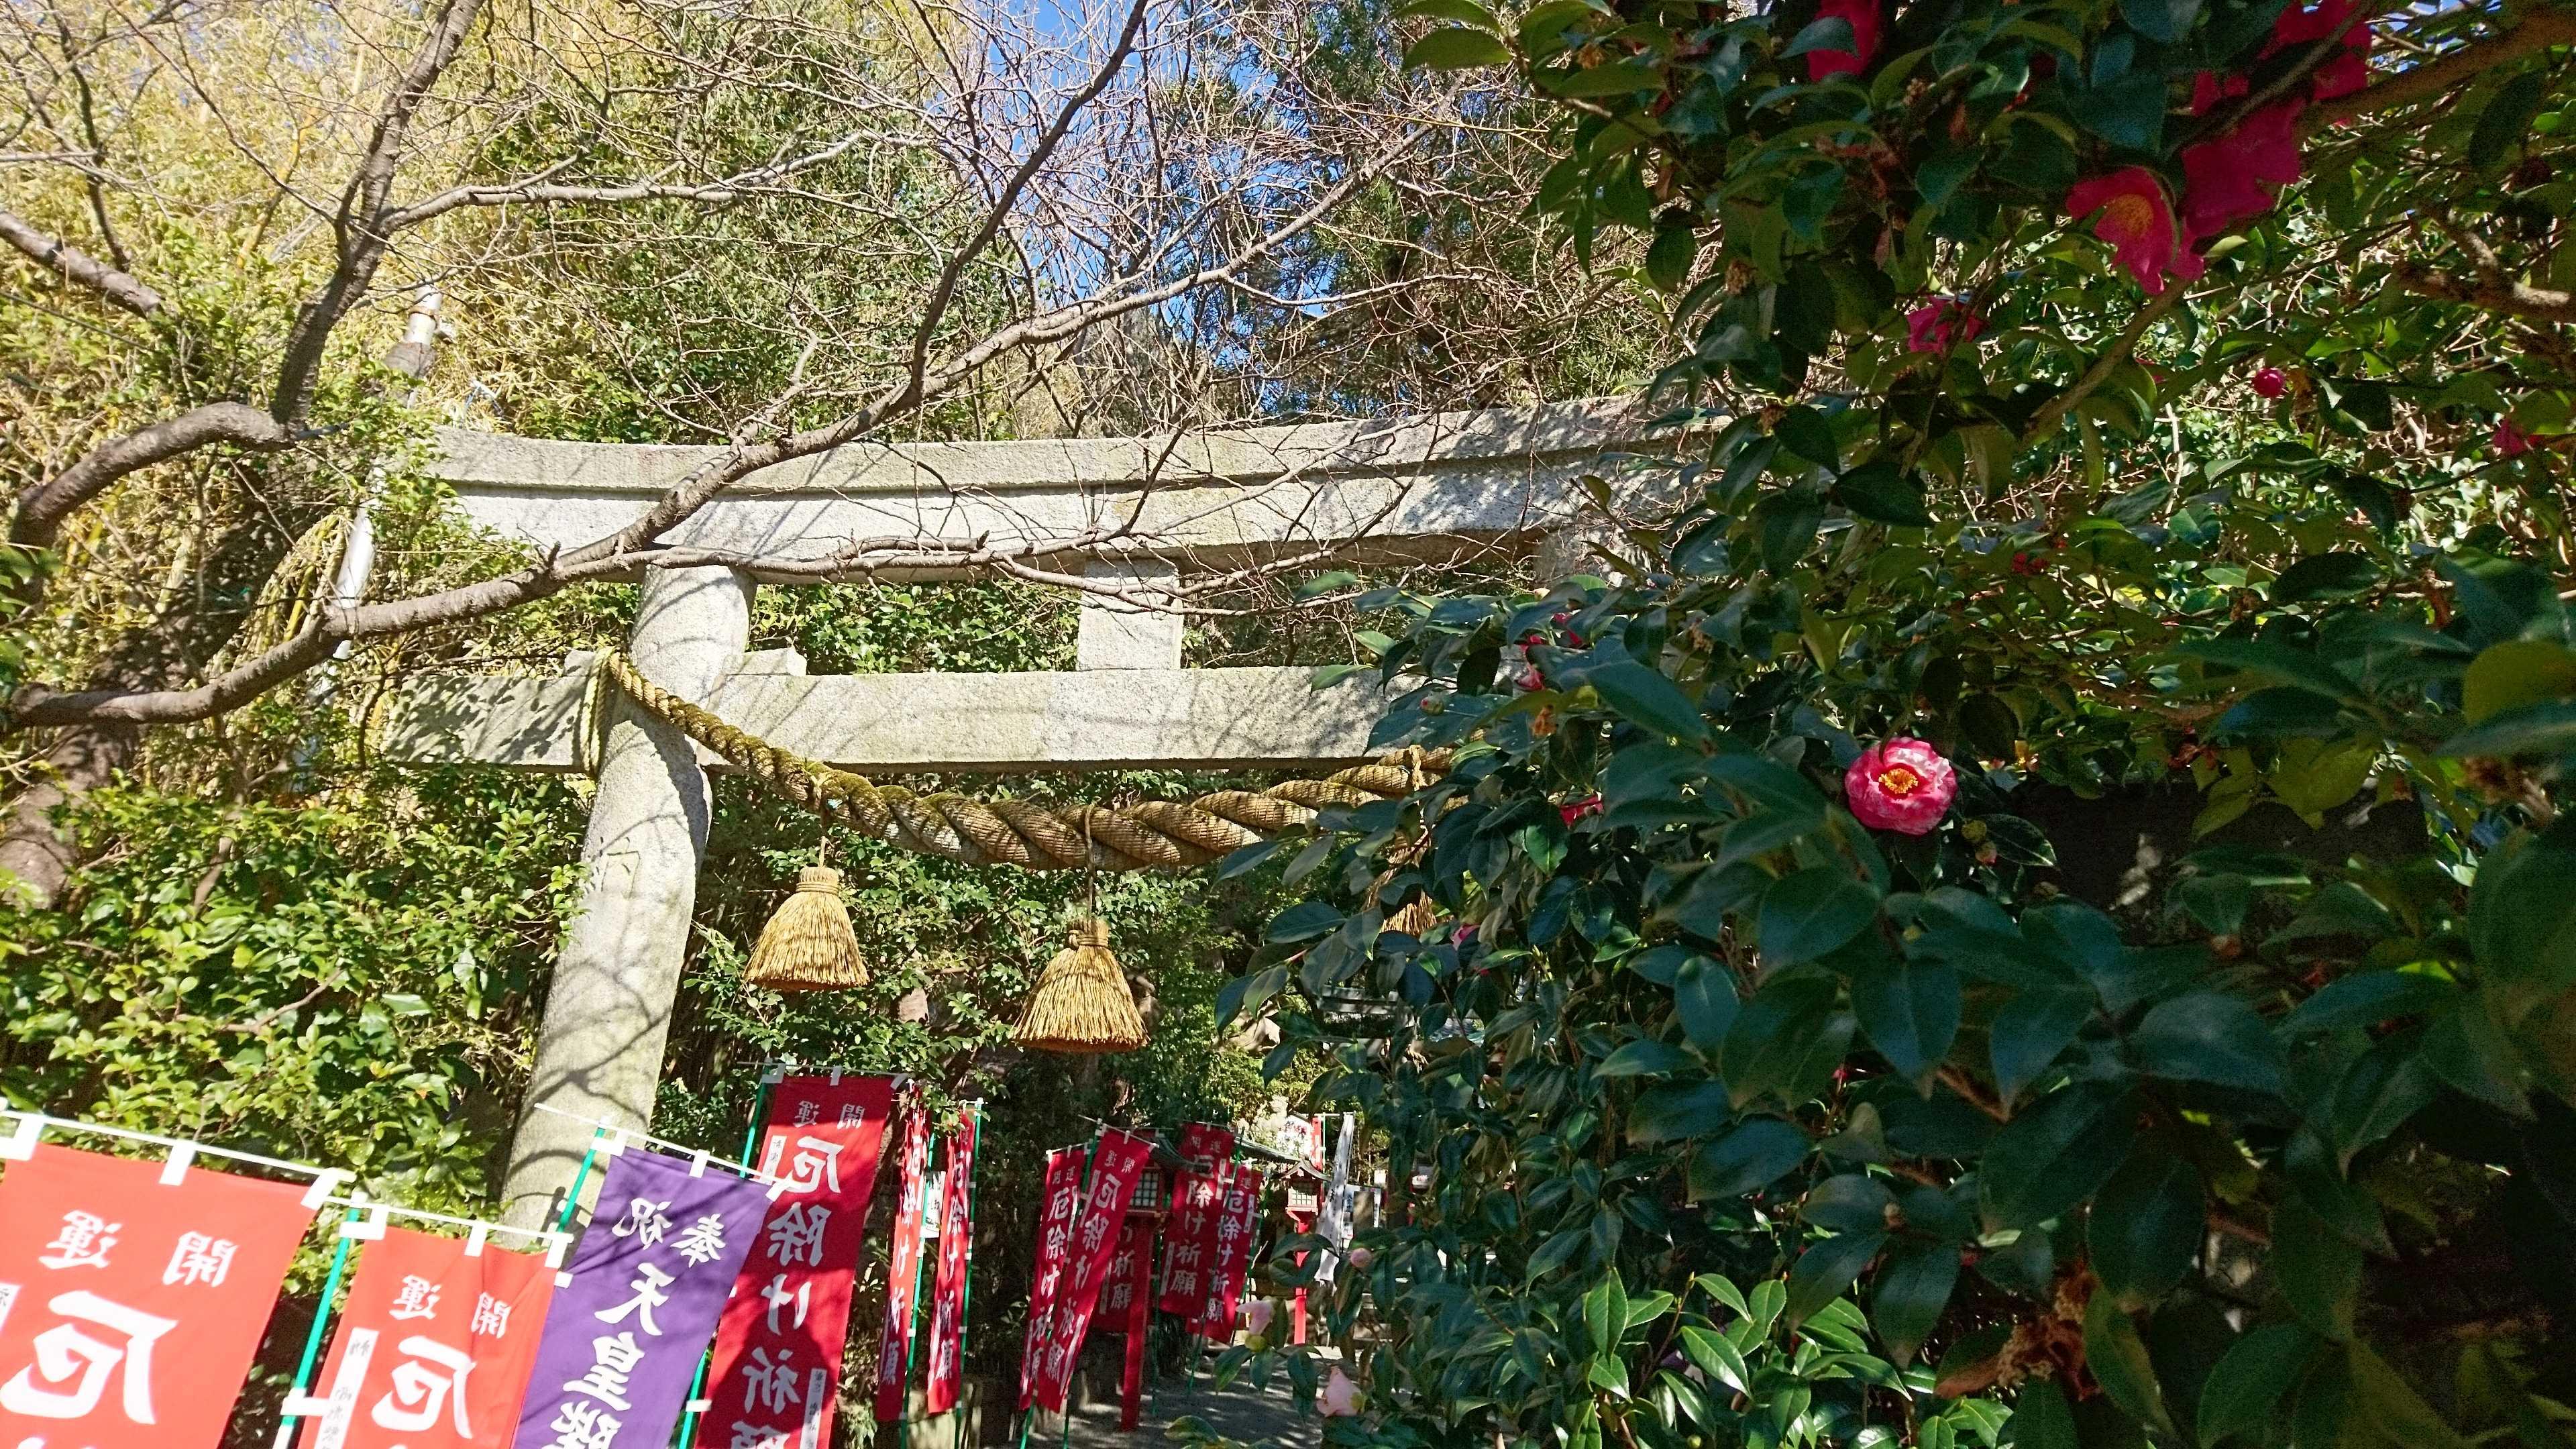 春の訪れを感じながら のんびり散歩を鎌倉で